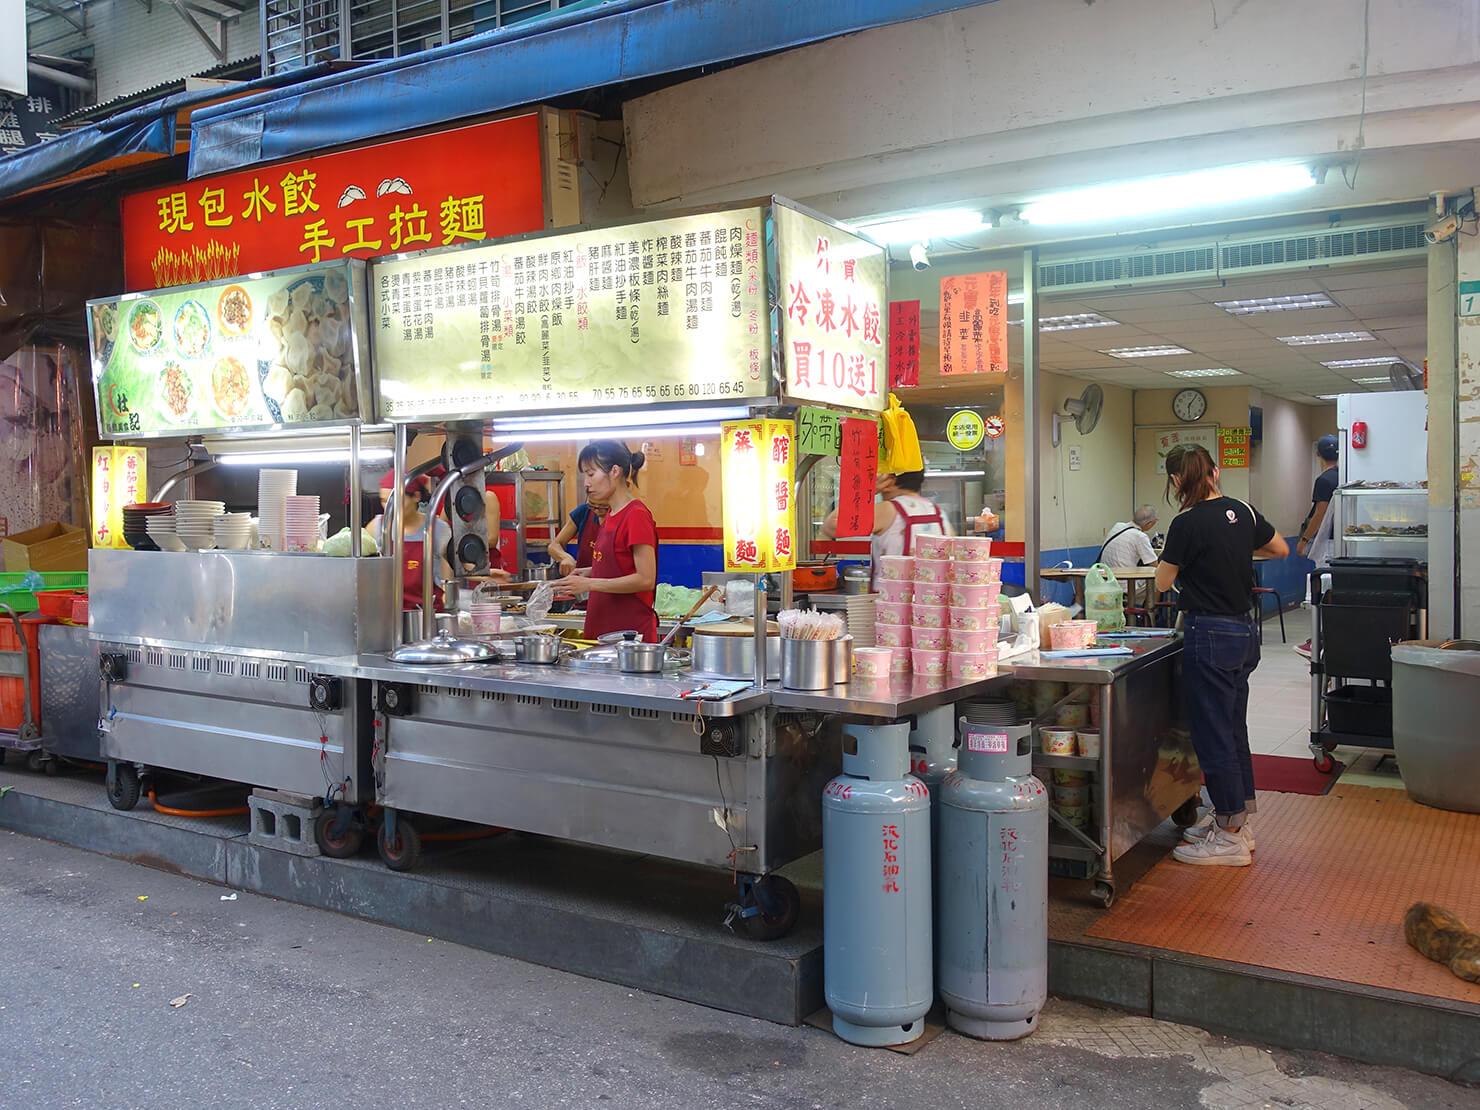 台北・臨江街夜市のおすすめグルメ店「杜記麵館」の外観